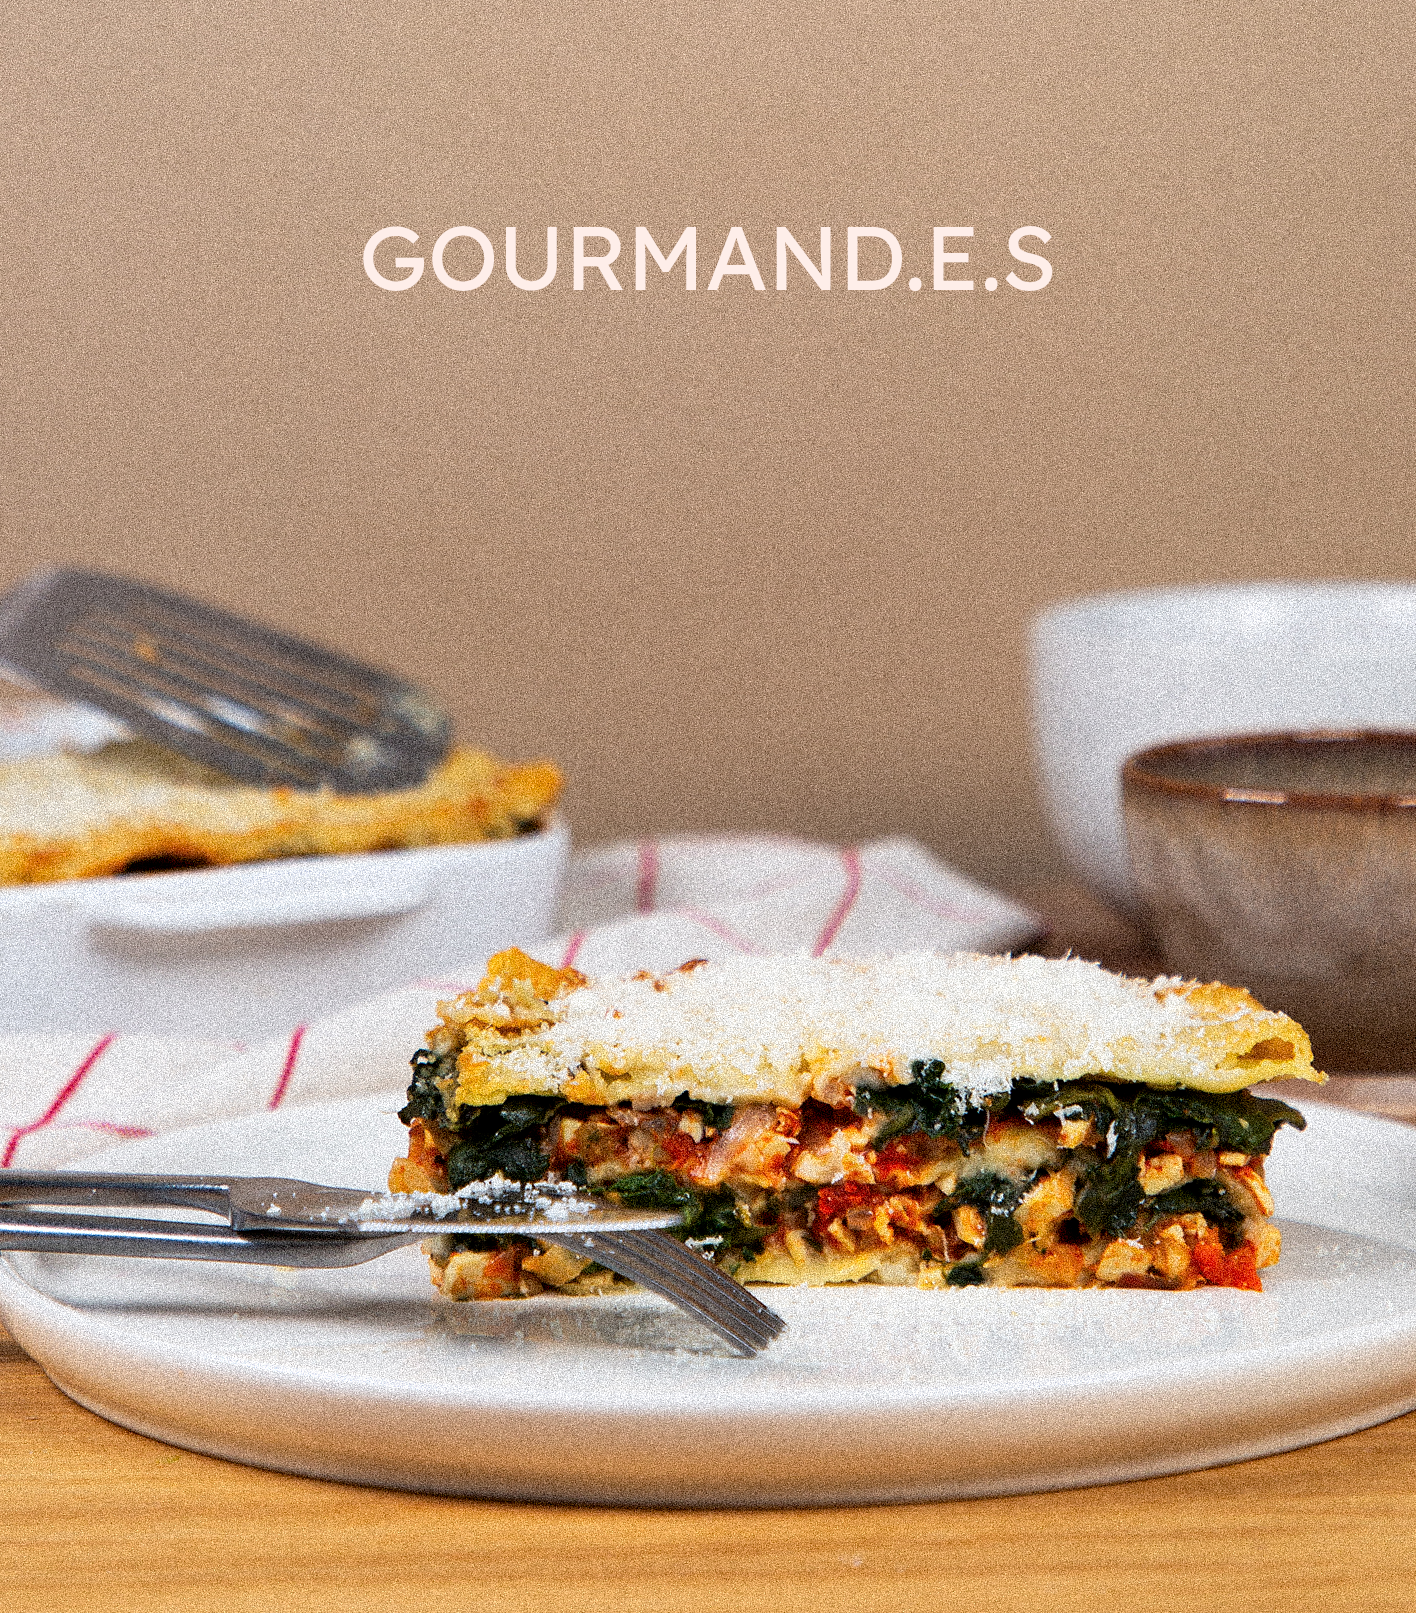 Gourmand.e.s